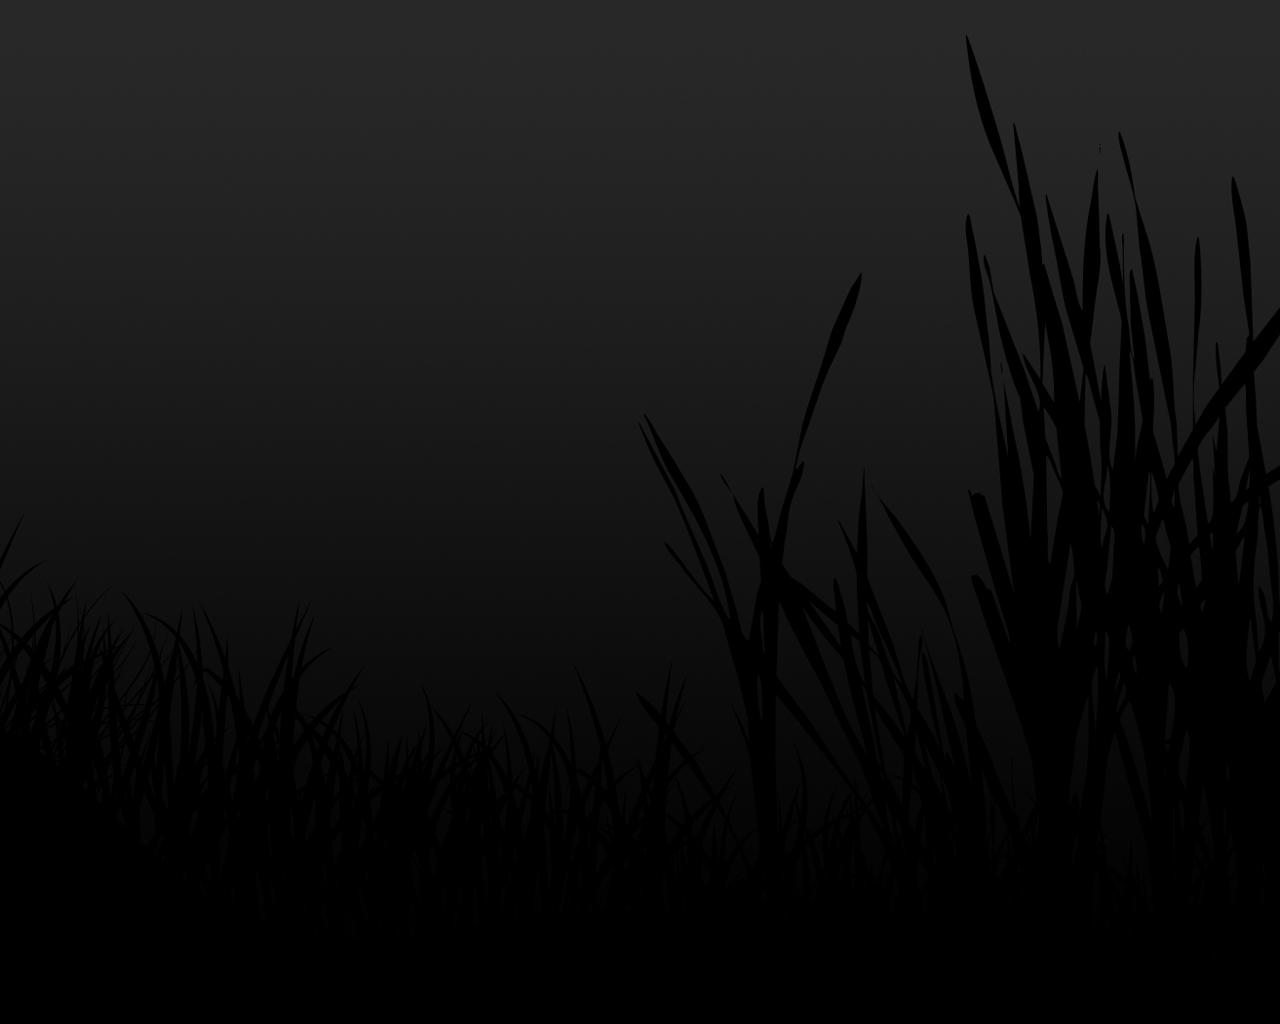 http://3.bp.blogspot.com/-HGfjigv3sB0/UICmNIIsdUI/AAAAAAAABhE/9rGWG-rrZnE/s1600/black+wallpaper+(1).jpg